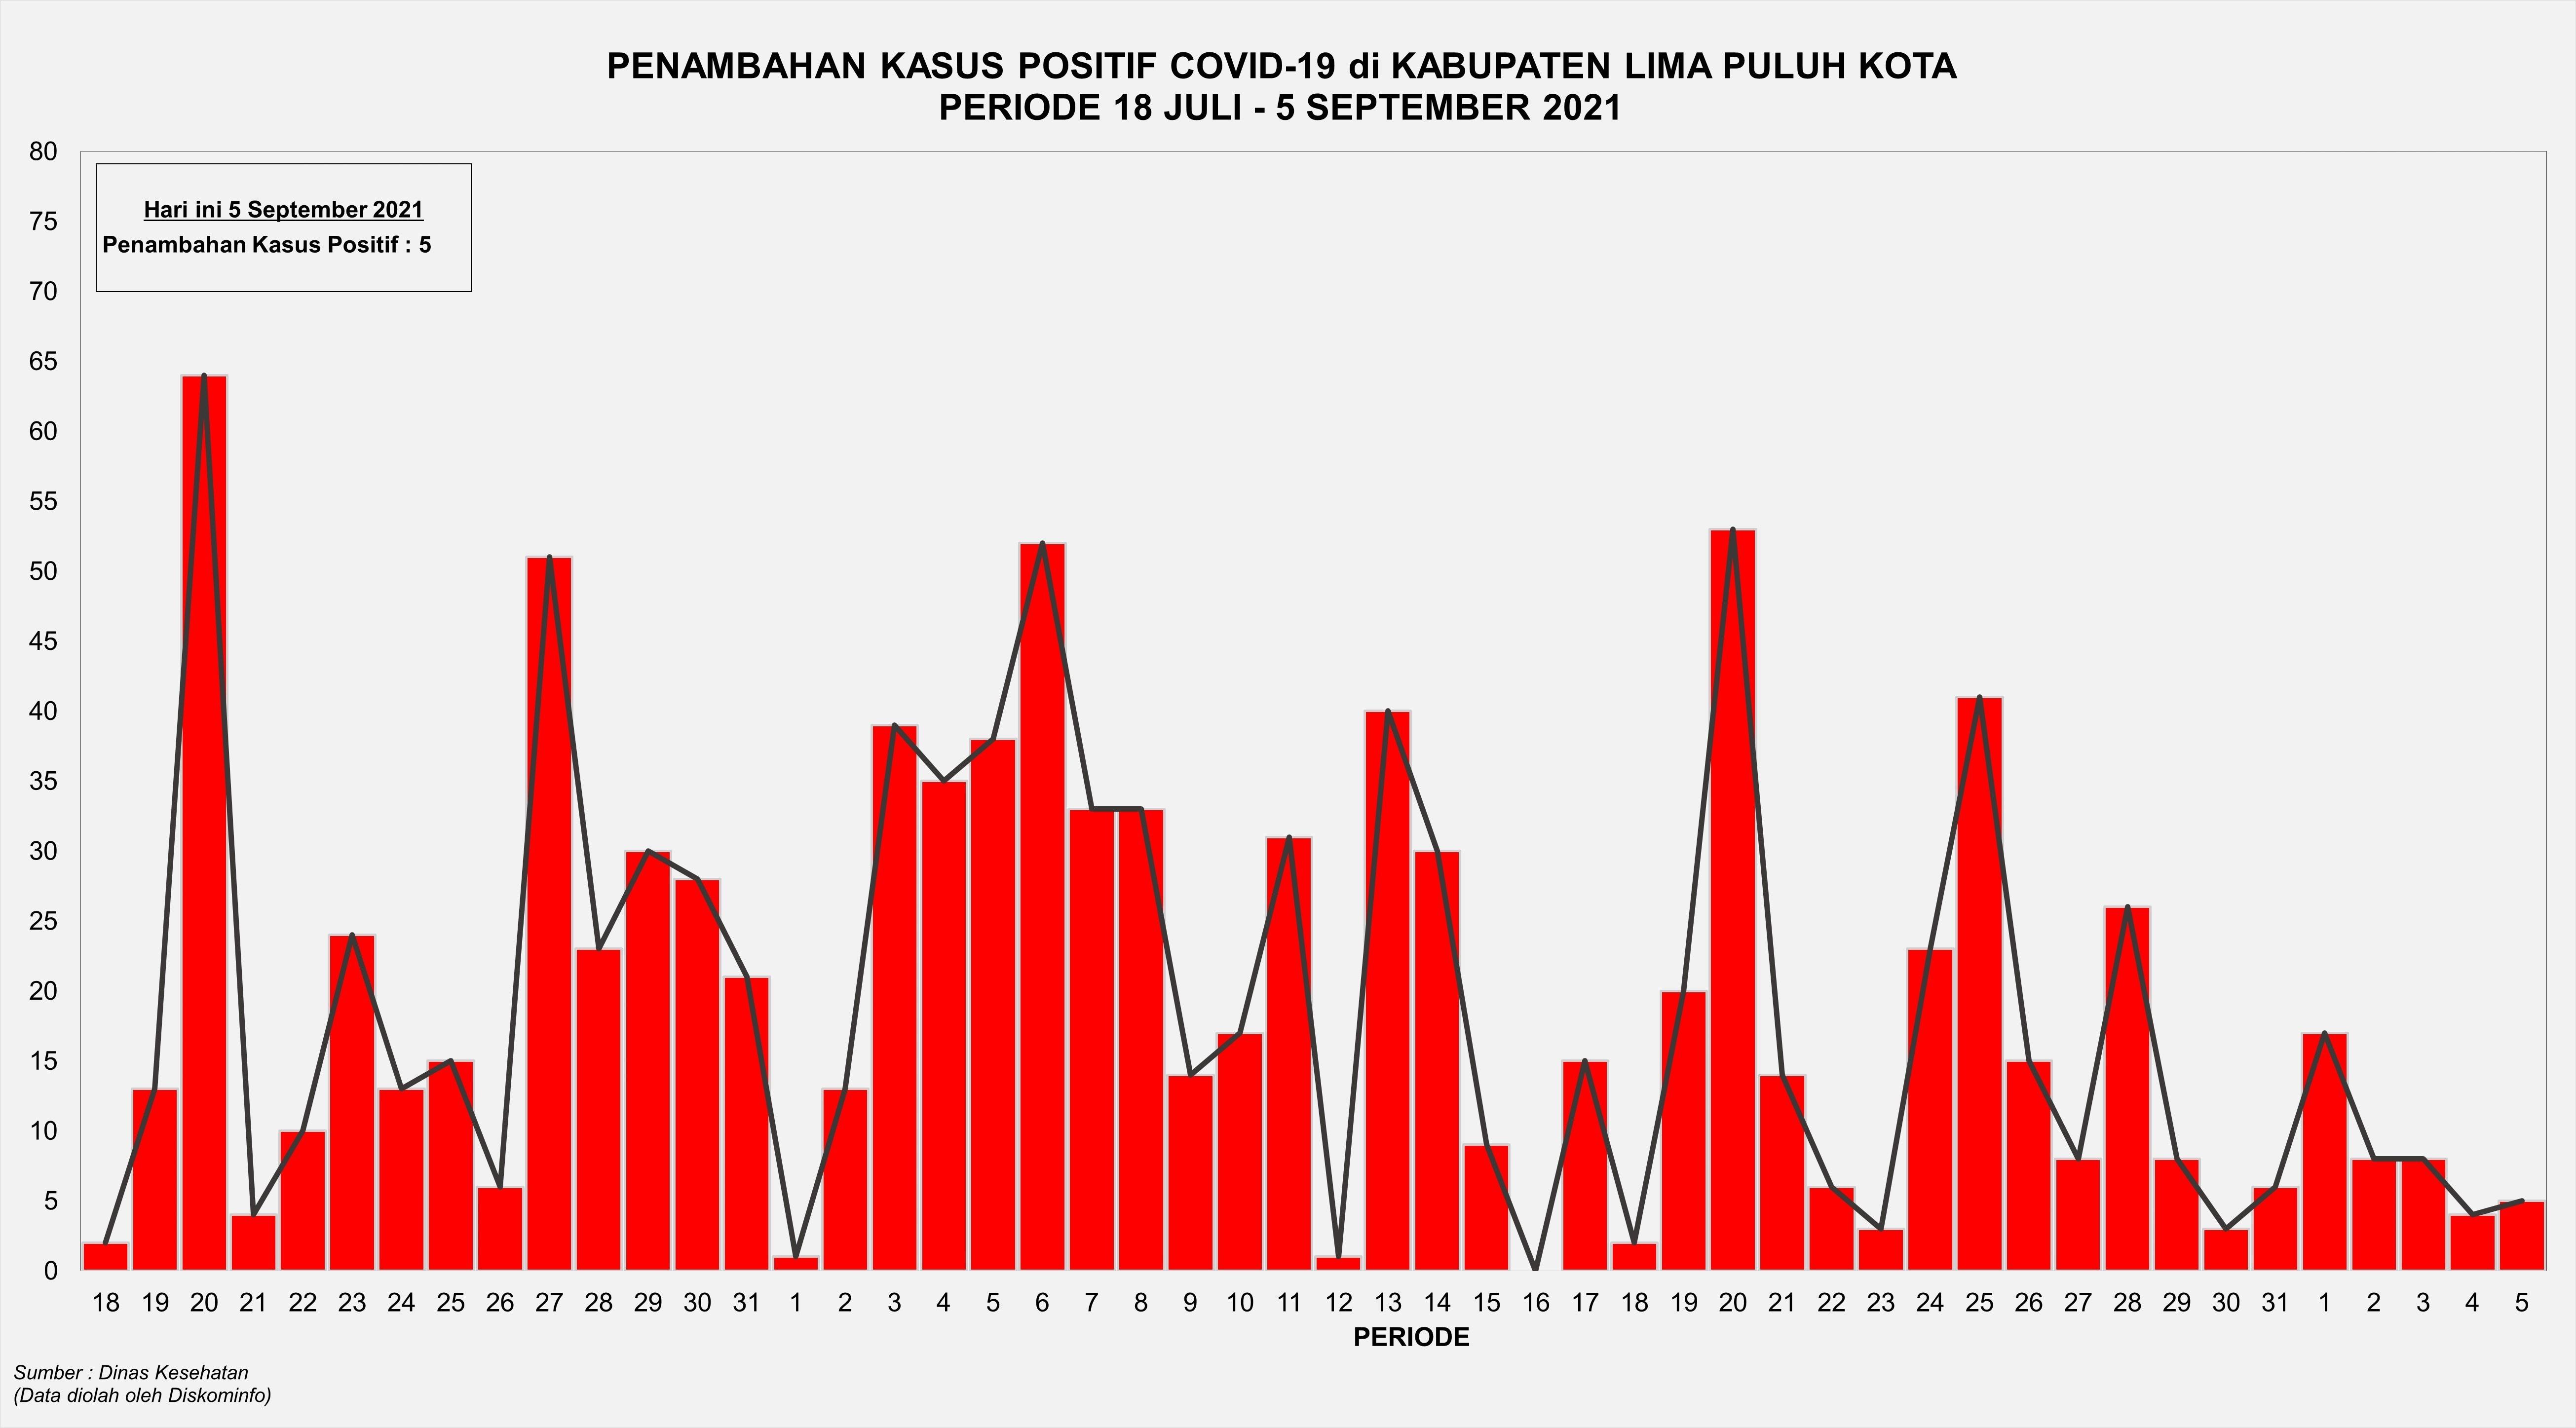 Grafik Penambahan Kasus Positif Covid-19 di Kabupaten Lima Puluh Kota Periode 18 Juli - 5 September 2021